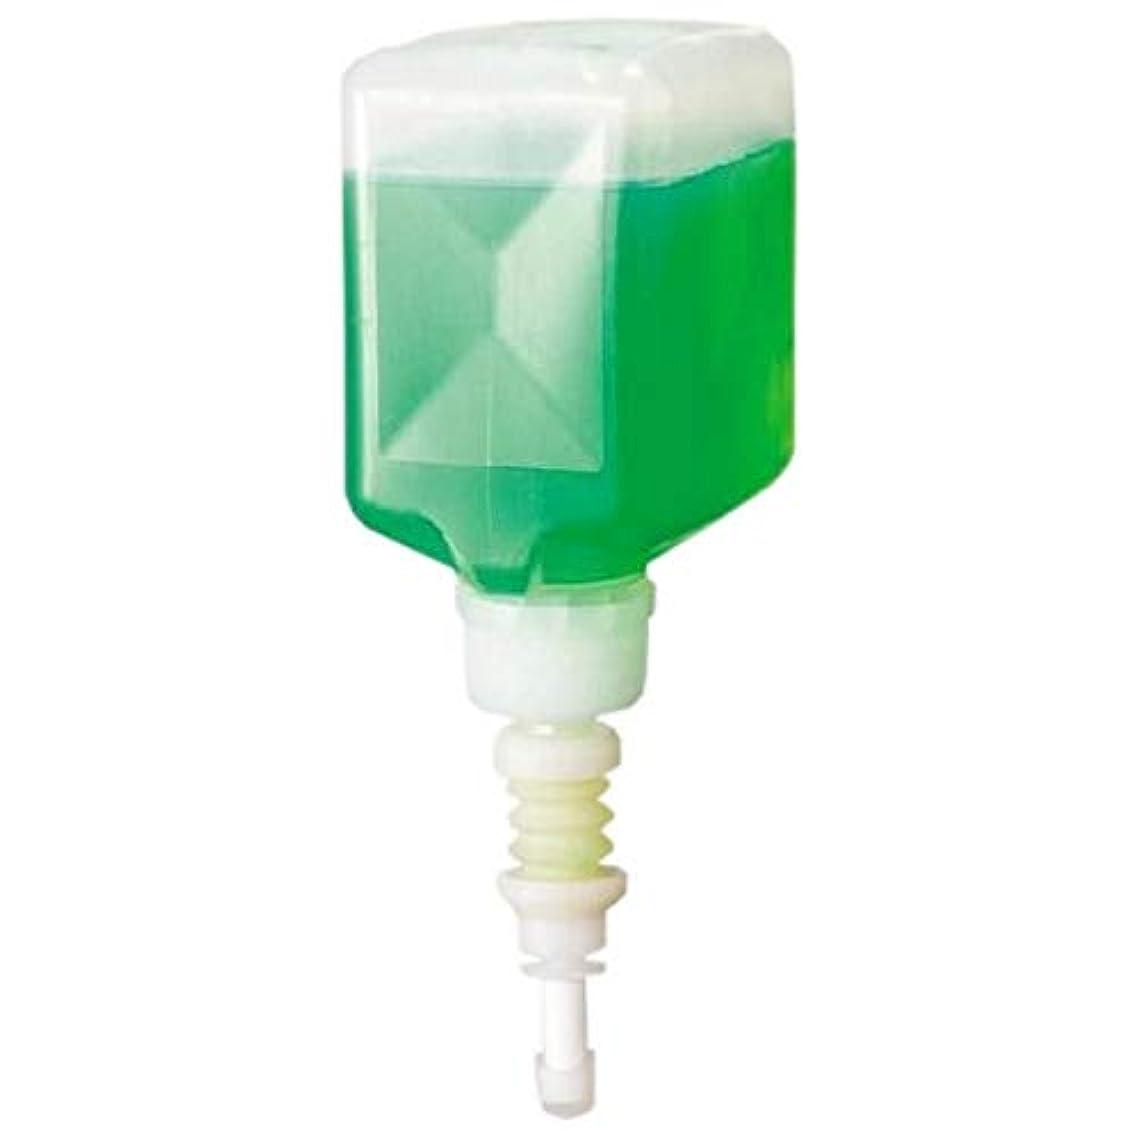 模索着飾る重要な役割を果たす、中心的な手段となるスタイルデコ シャボネット石けん液Fデコ専用薬液 緑色